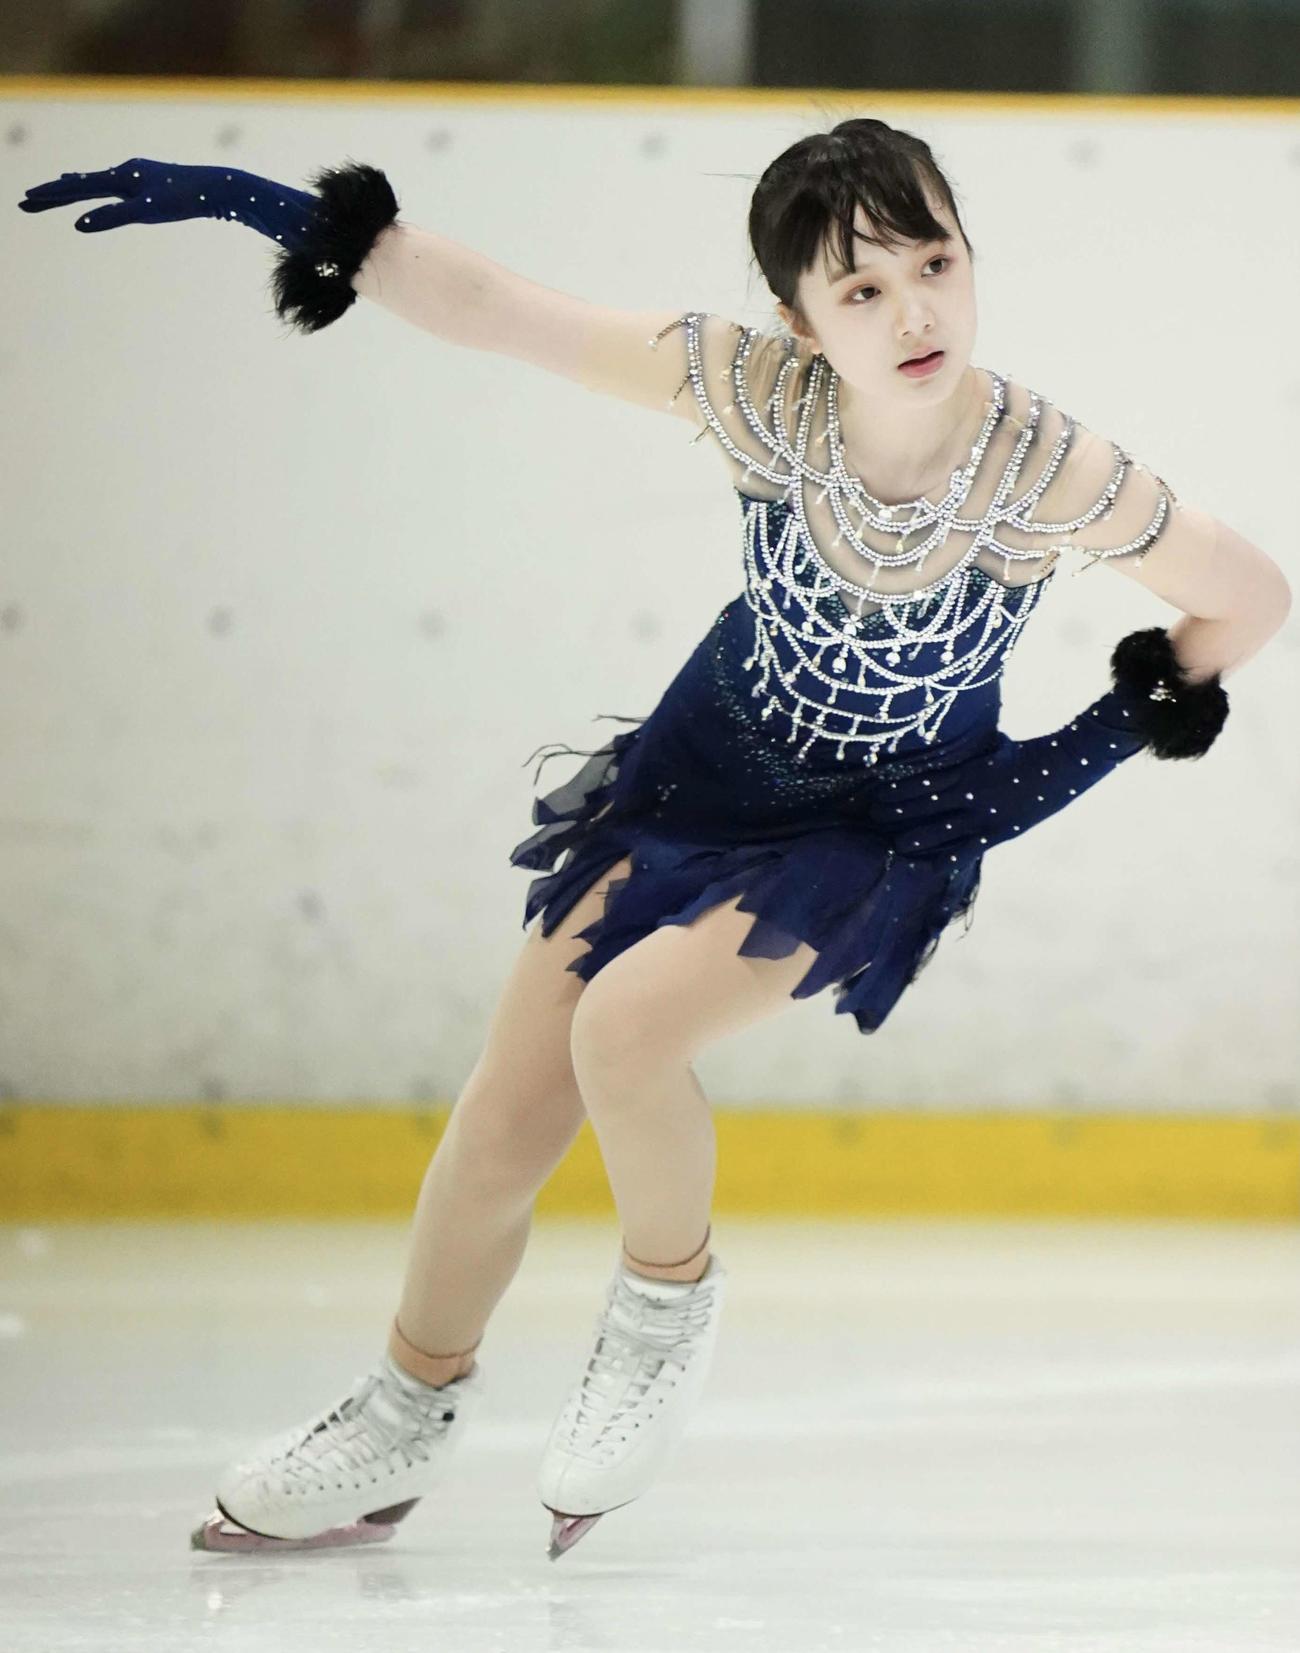 フィギュアスケート近畿選手権のジュニア女子ショートプログラムで演技をする本田紗来(代表撮影)